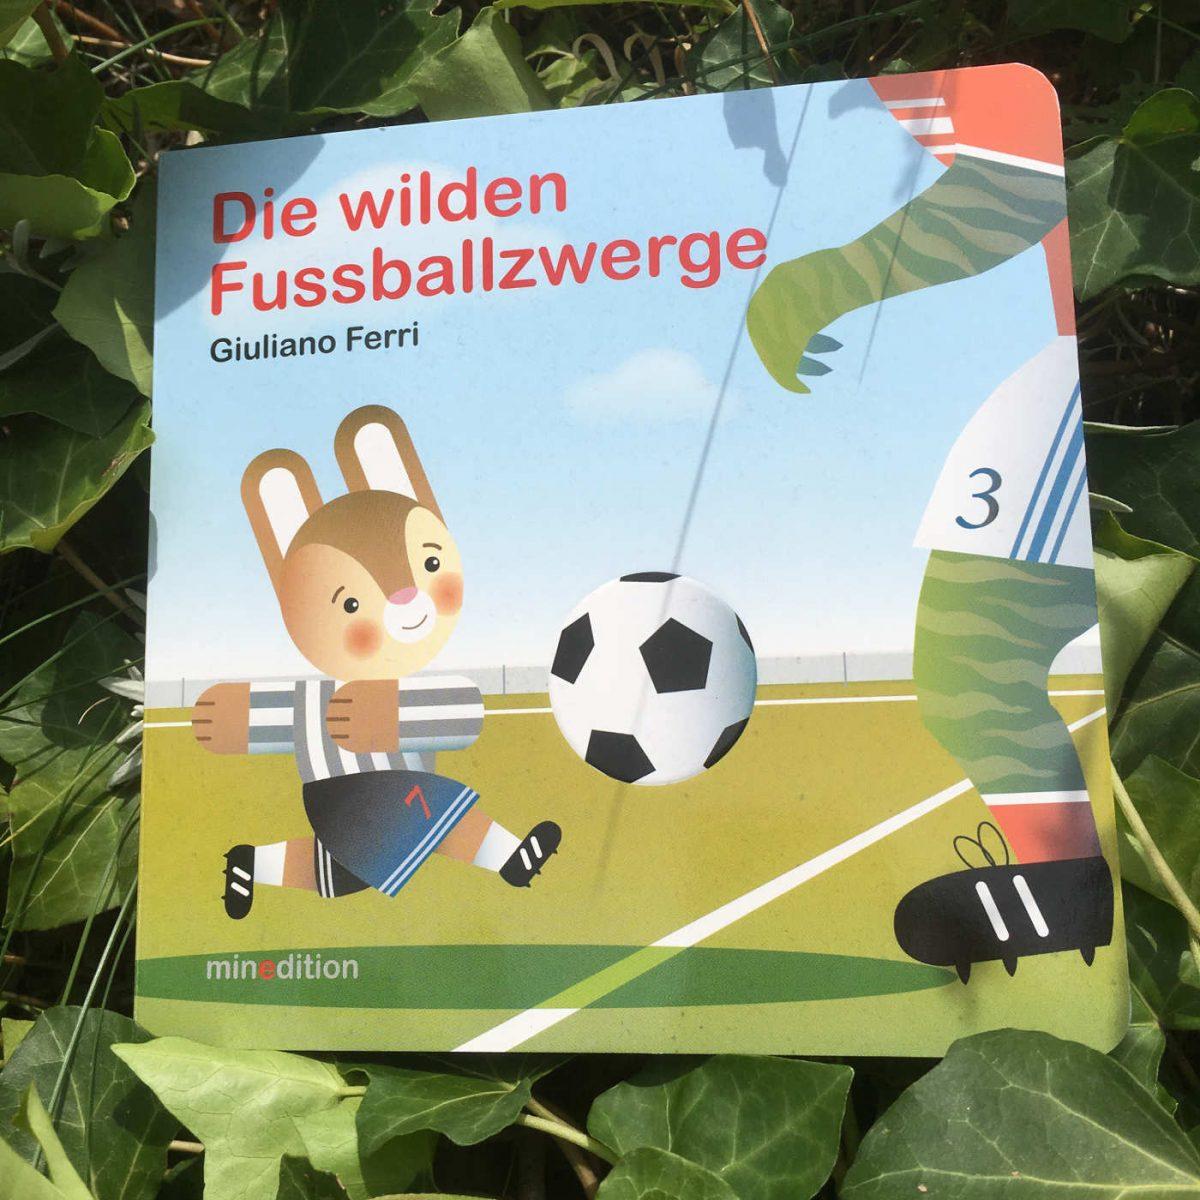 Giuliano Ferri Die wilden Fußballzwerge Fußballbuch Bilderbuch Kinderbuchblog Brigitte Wallinger Buchtipps Buchempfehlung geniale Bücher Fußballweltmeisterschaft Frauen